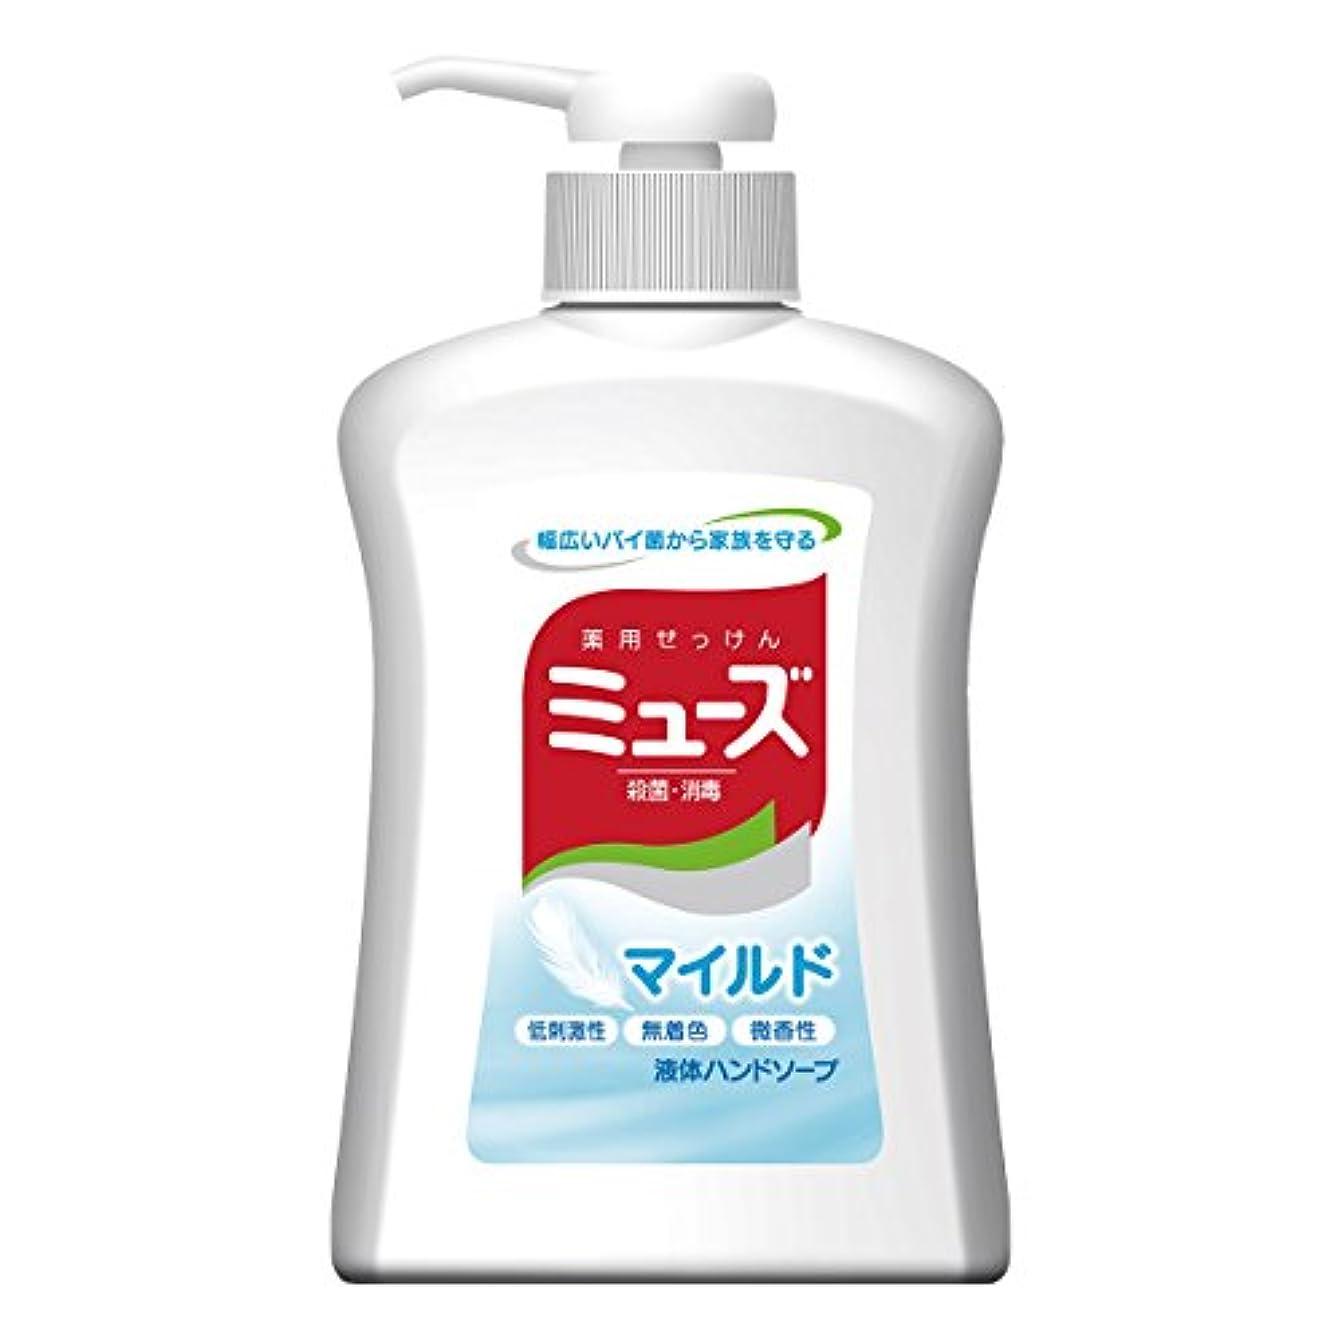 作動するソファークリーク薬用せっけんミューズ 液体 石鹸 ハンドソープ 本体ボトル マイルド 250ml 殺菌 消毒 手洗い 低刺激ソープ